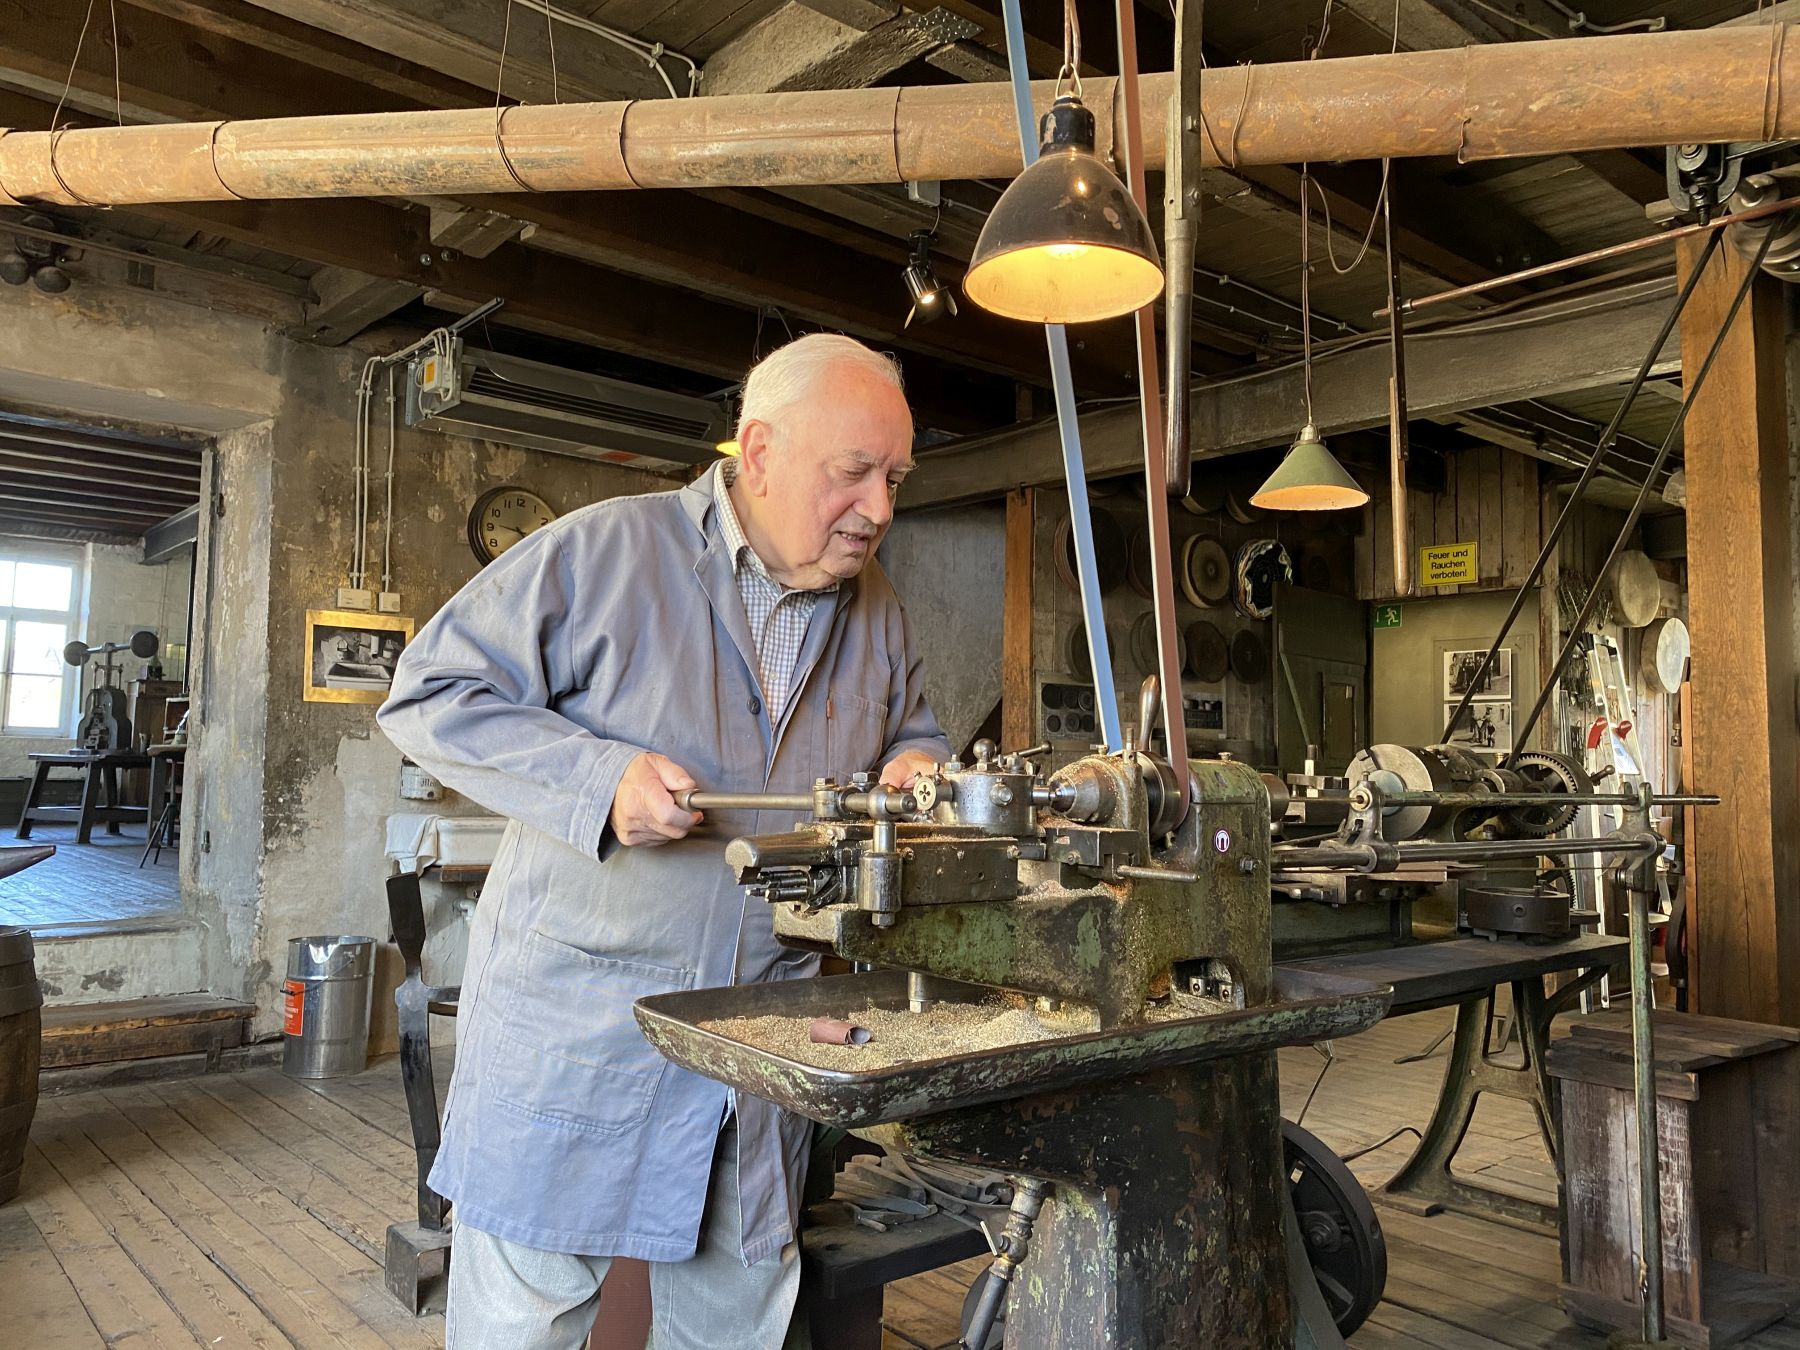 Dieses Foto zeigt einen Mann, der die Funktionsweise einer Maschine im Feinmechanischen Museum Fellenbergmühle vorführt.